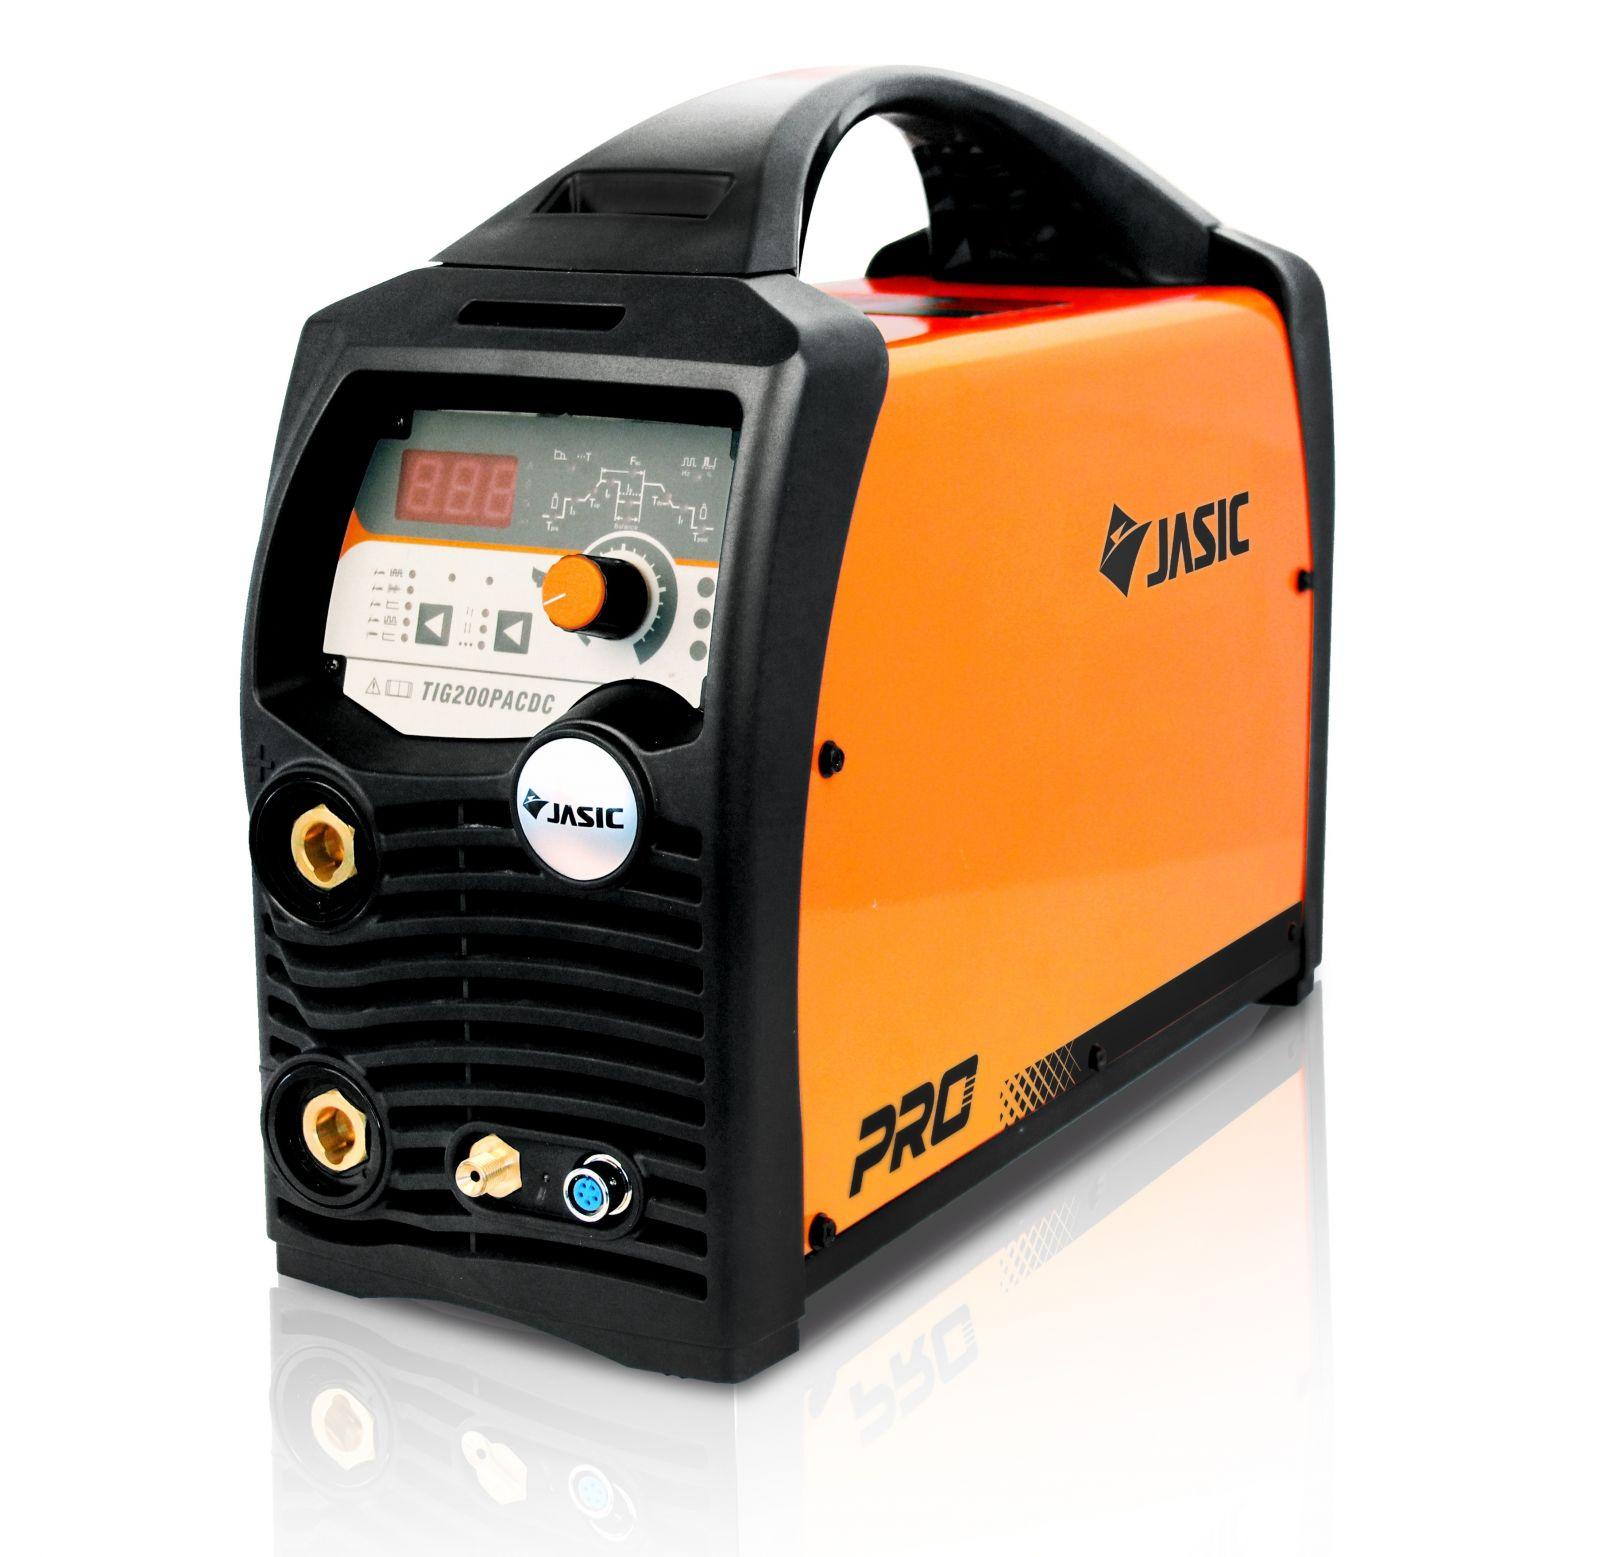 JASIC TIG 200P AC/DC E201 - invertor svářecí, hořák, zemnící kabel (sváření hliníku)